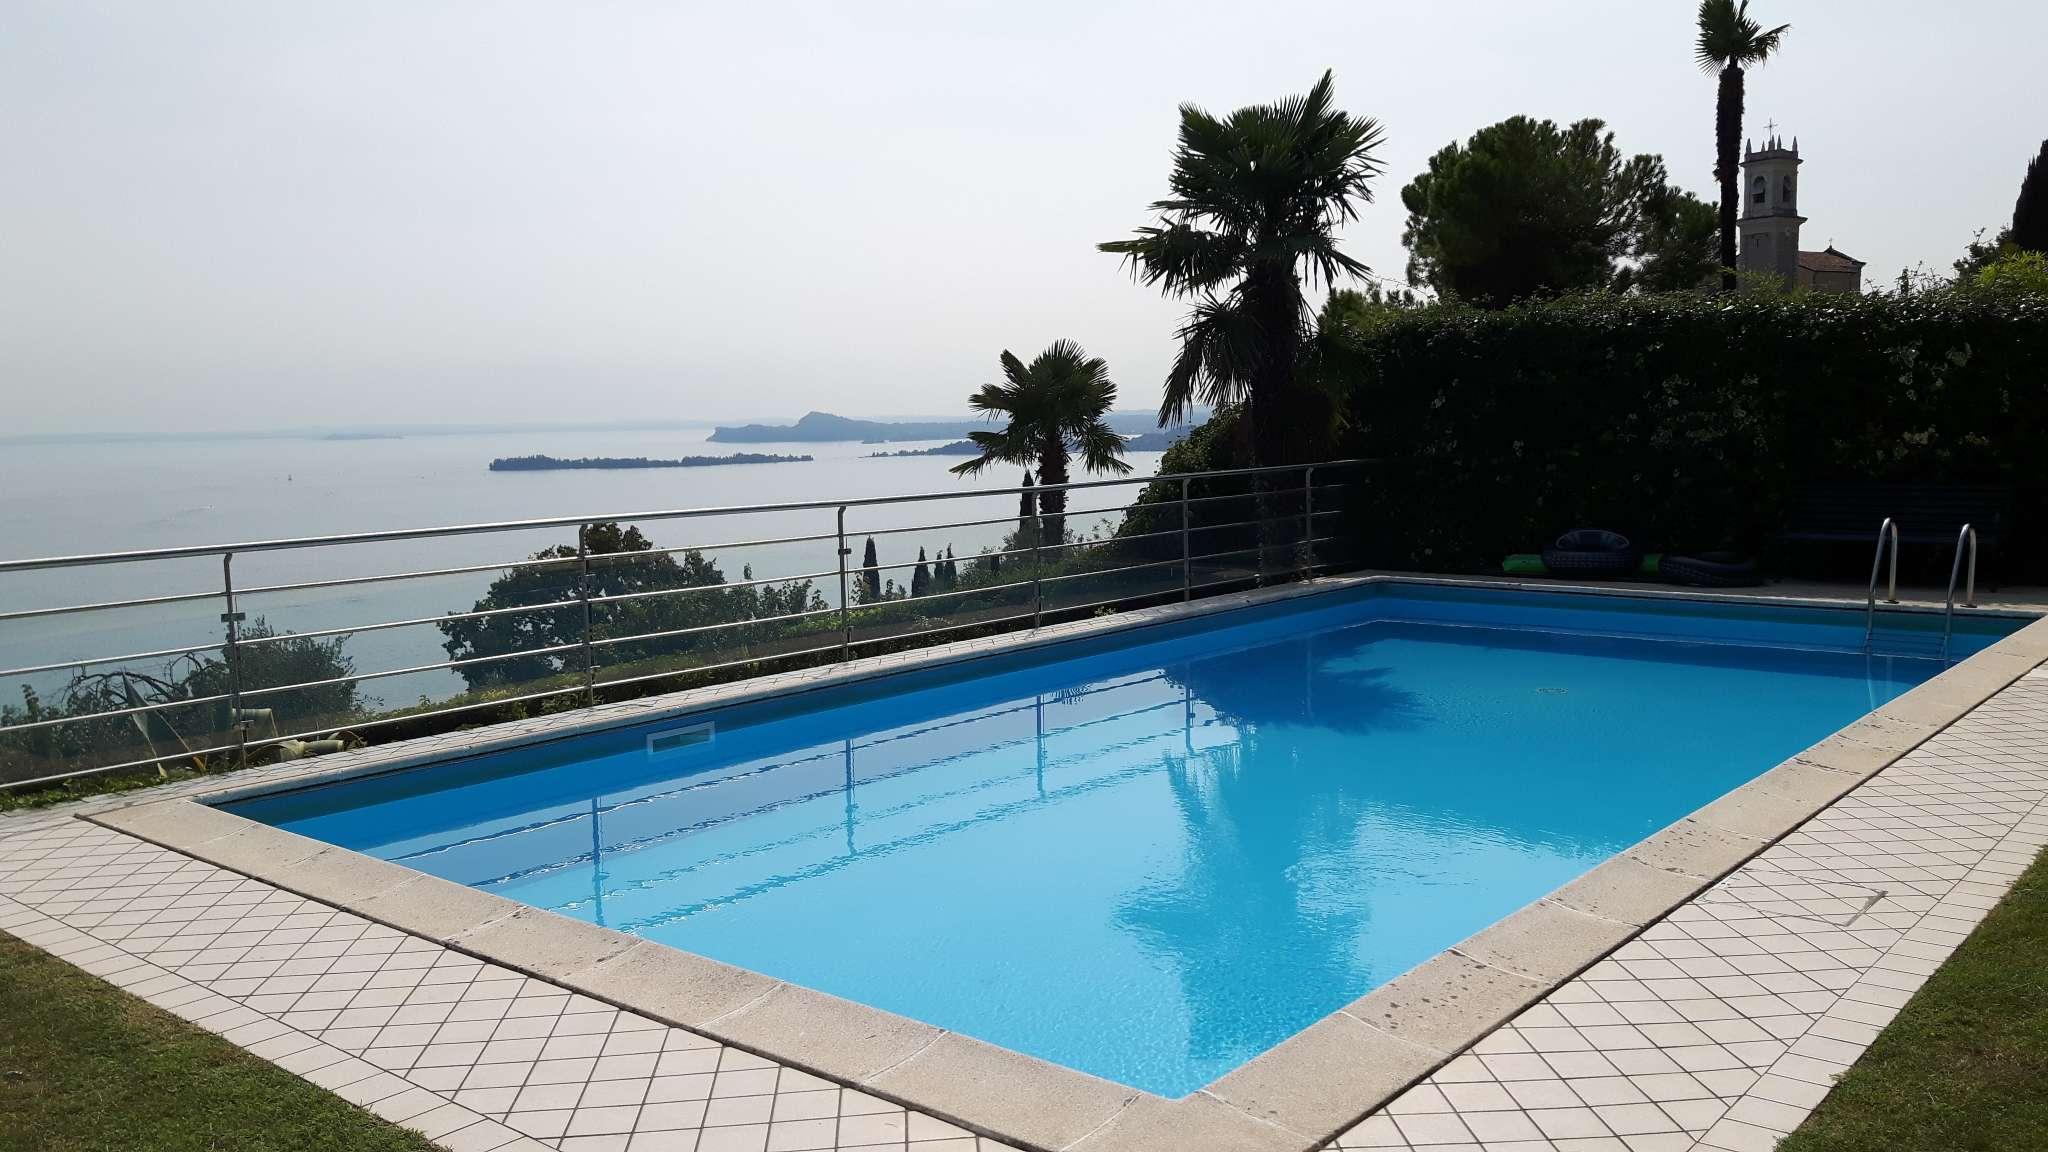 Schwimmbad Sicht von Terrasse